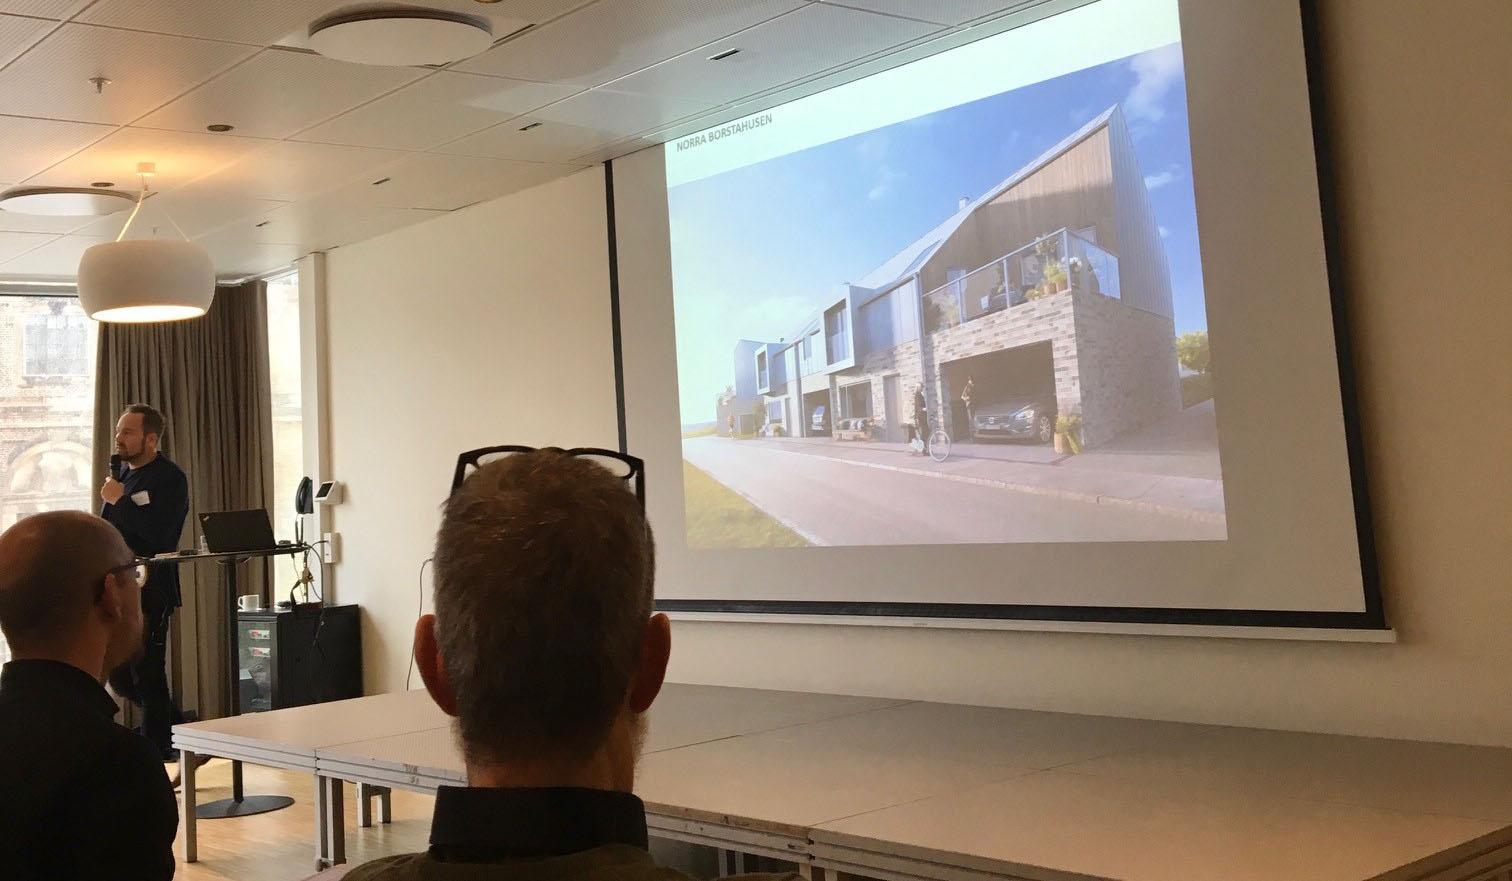 Stadsbyggnadschef Johan Nilsson berättar engagerat om några av de intressanta projekt som just nu är aktuella i Landskrona kommun (som förra året välförtjänt tävlade om titeln årets arkitekturkommun). Foto: Emina Kovacic